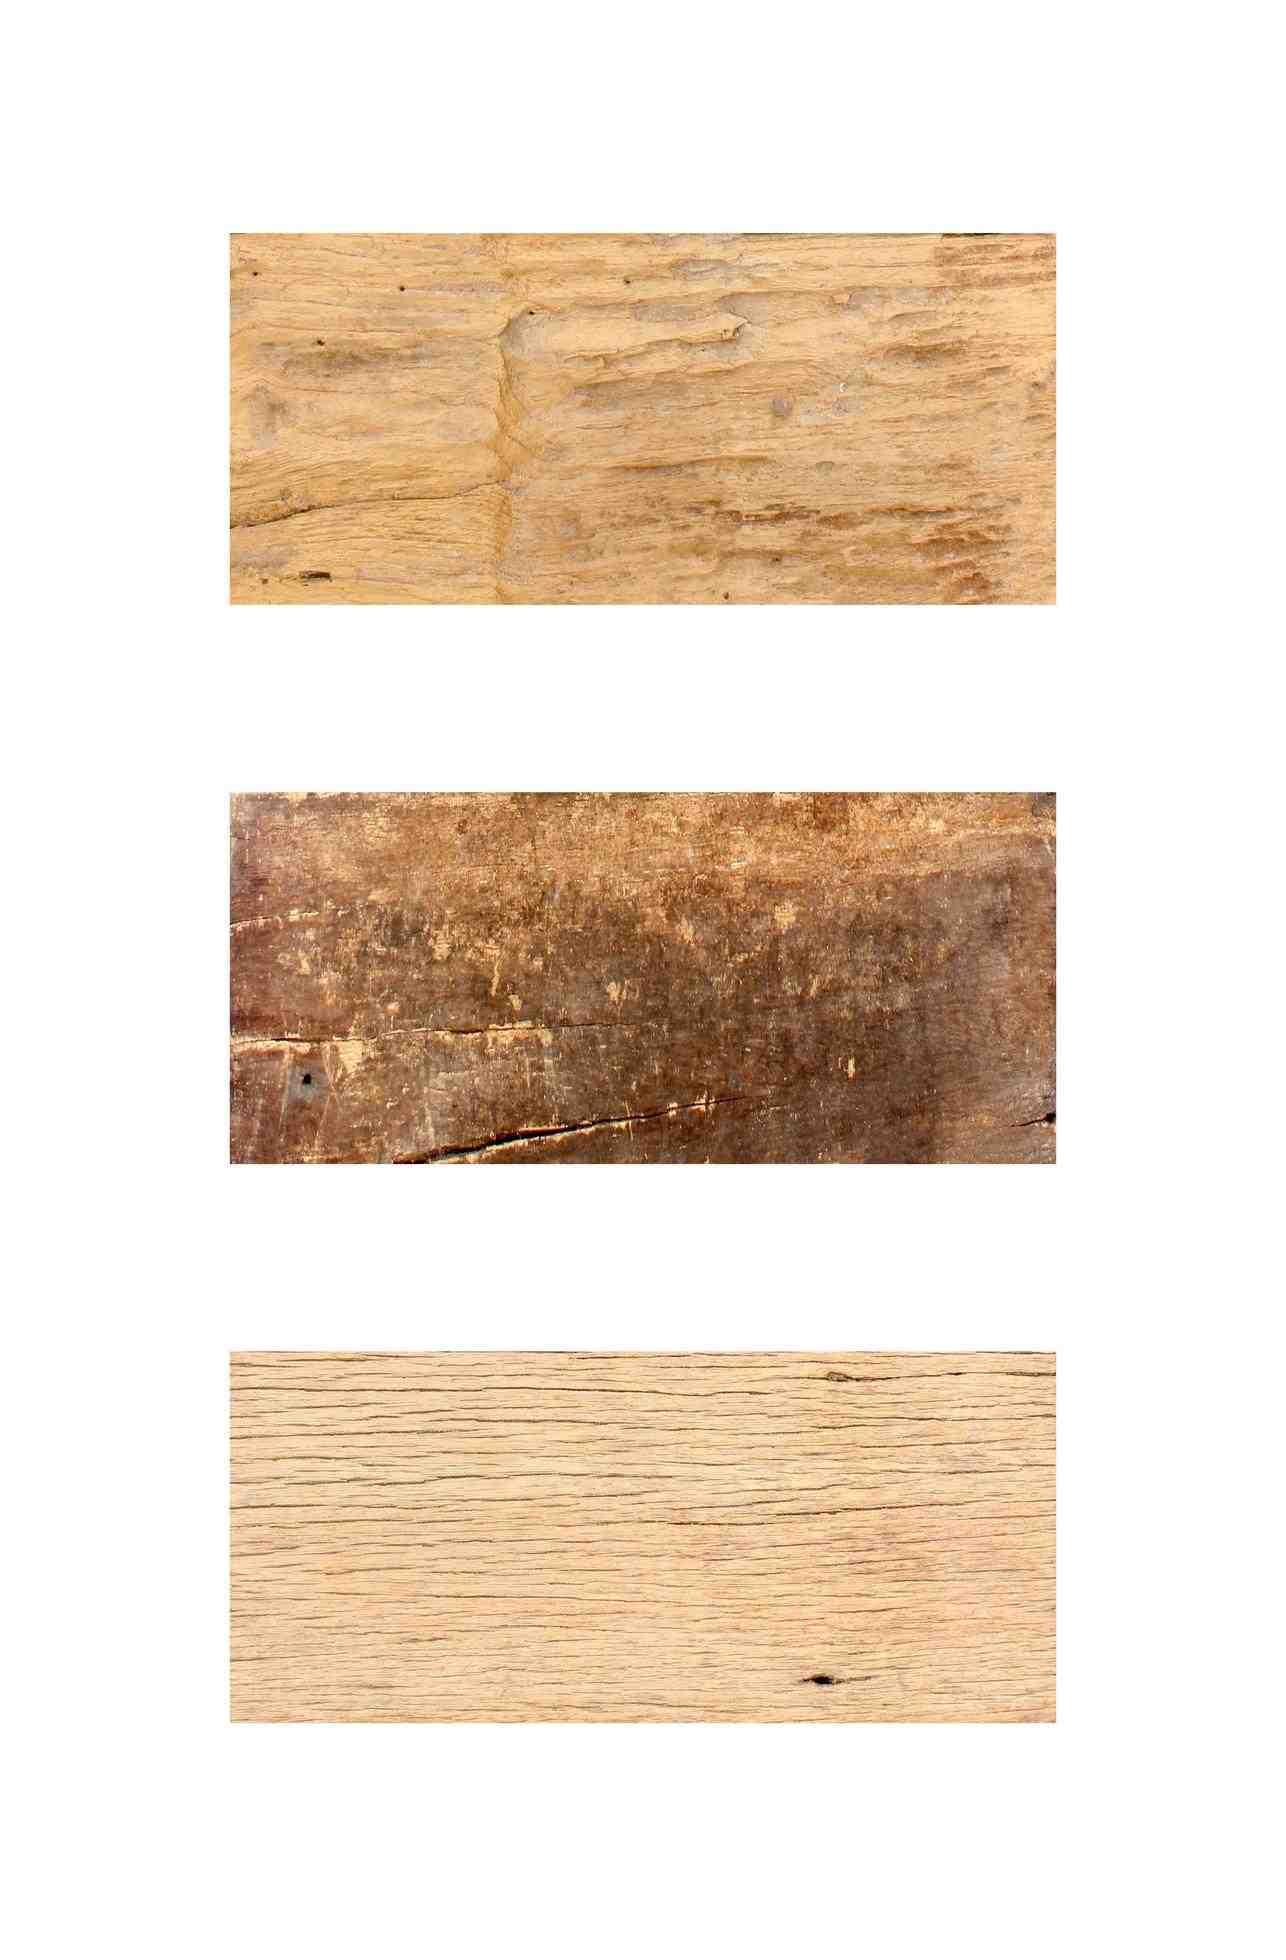 Où trouver des planches de bois pas cher ?